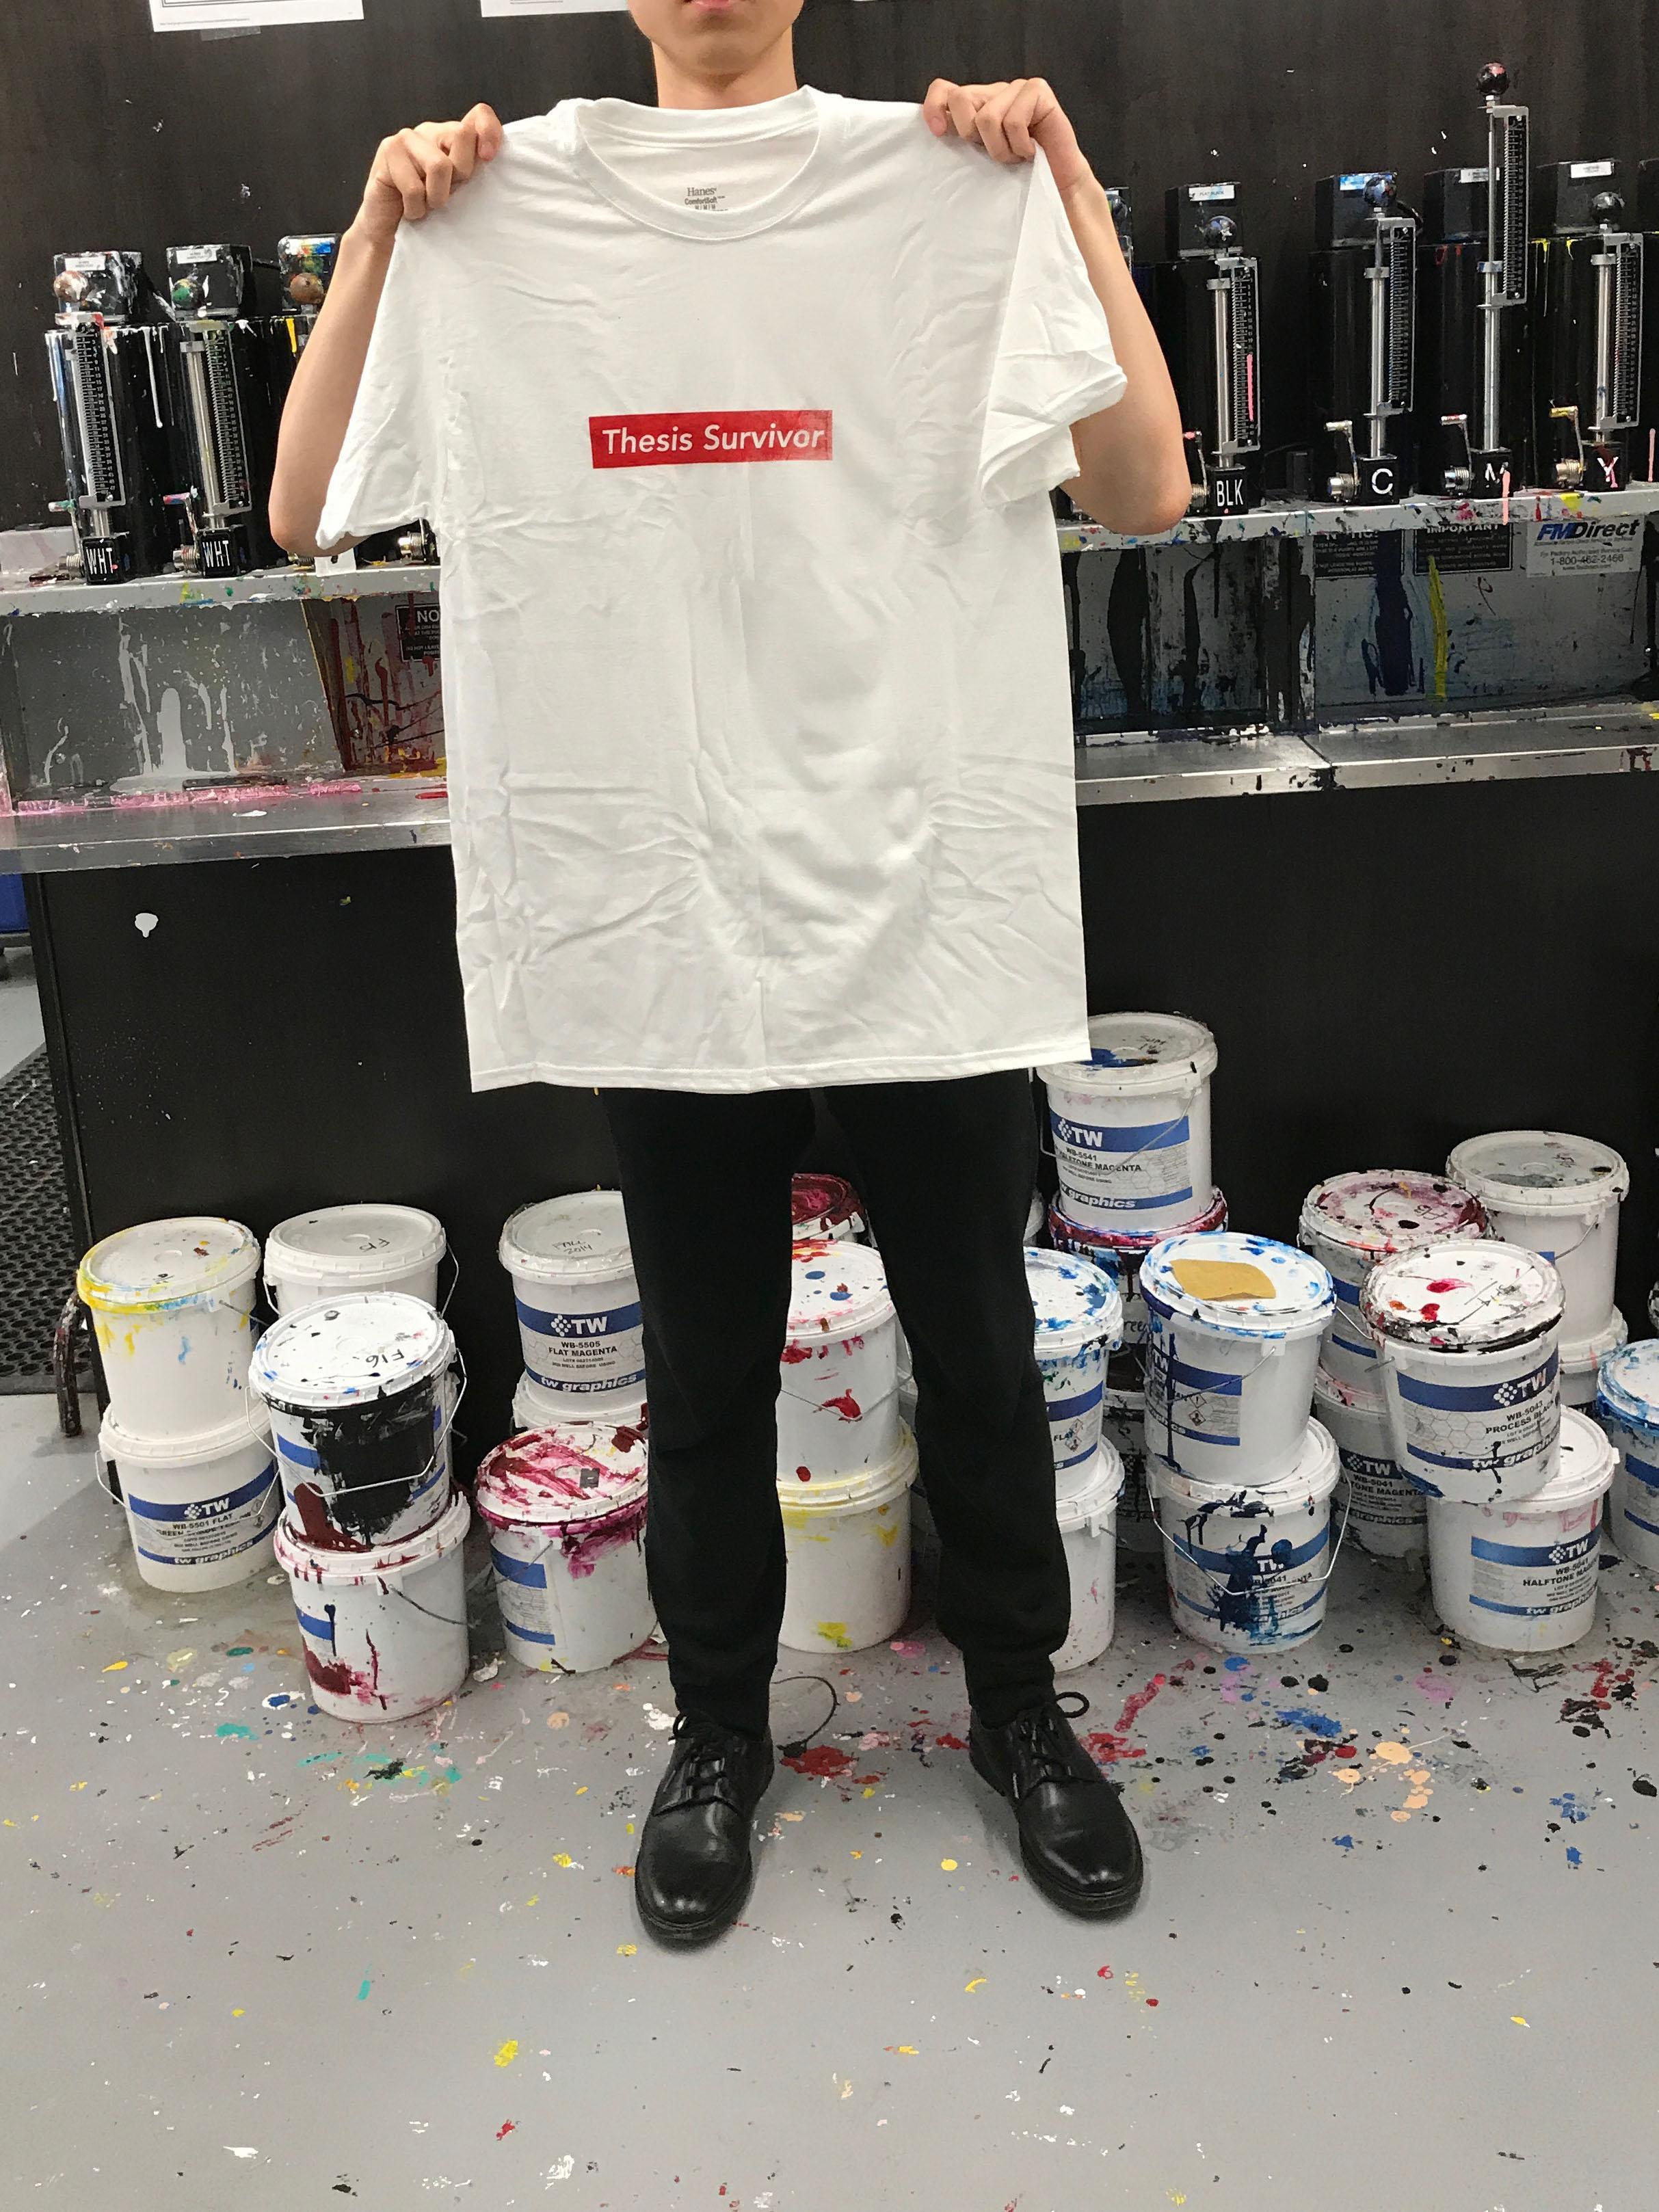 Thesis Survivor T-Shirt